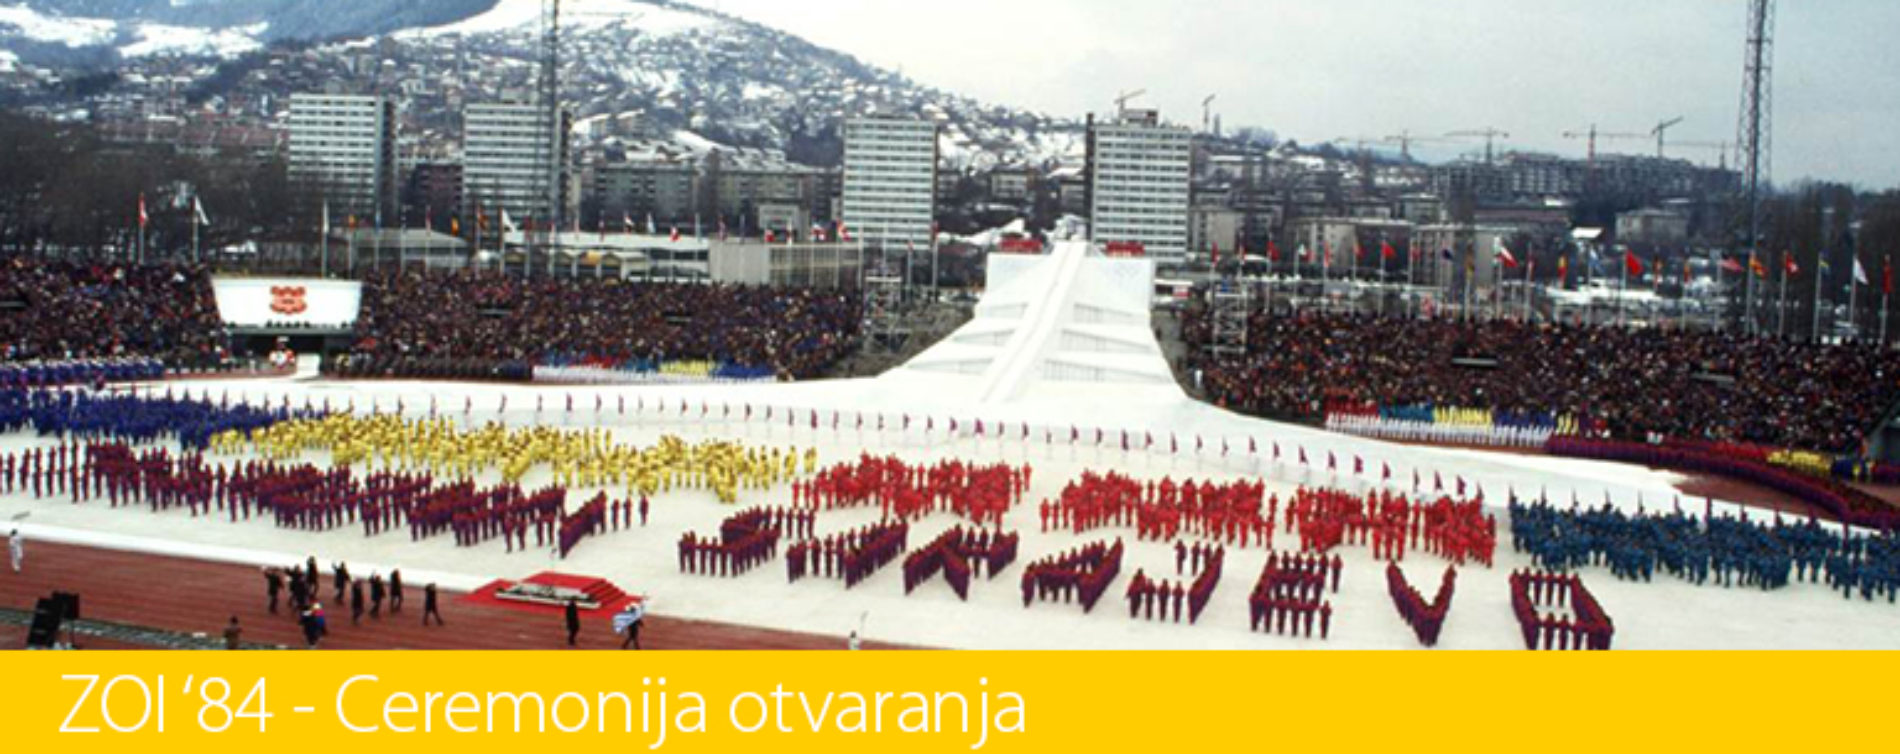 Prije 33 godine u Sarajevu otvorene Zimske olimpijske igre – prve u istočnoj Evropi (Video)